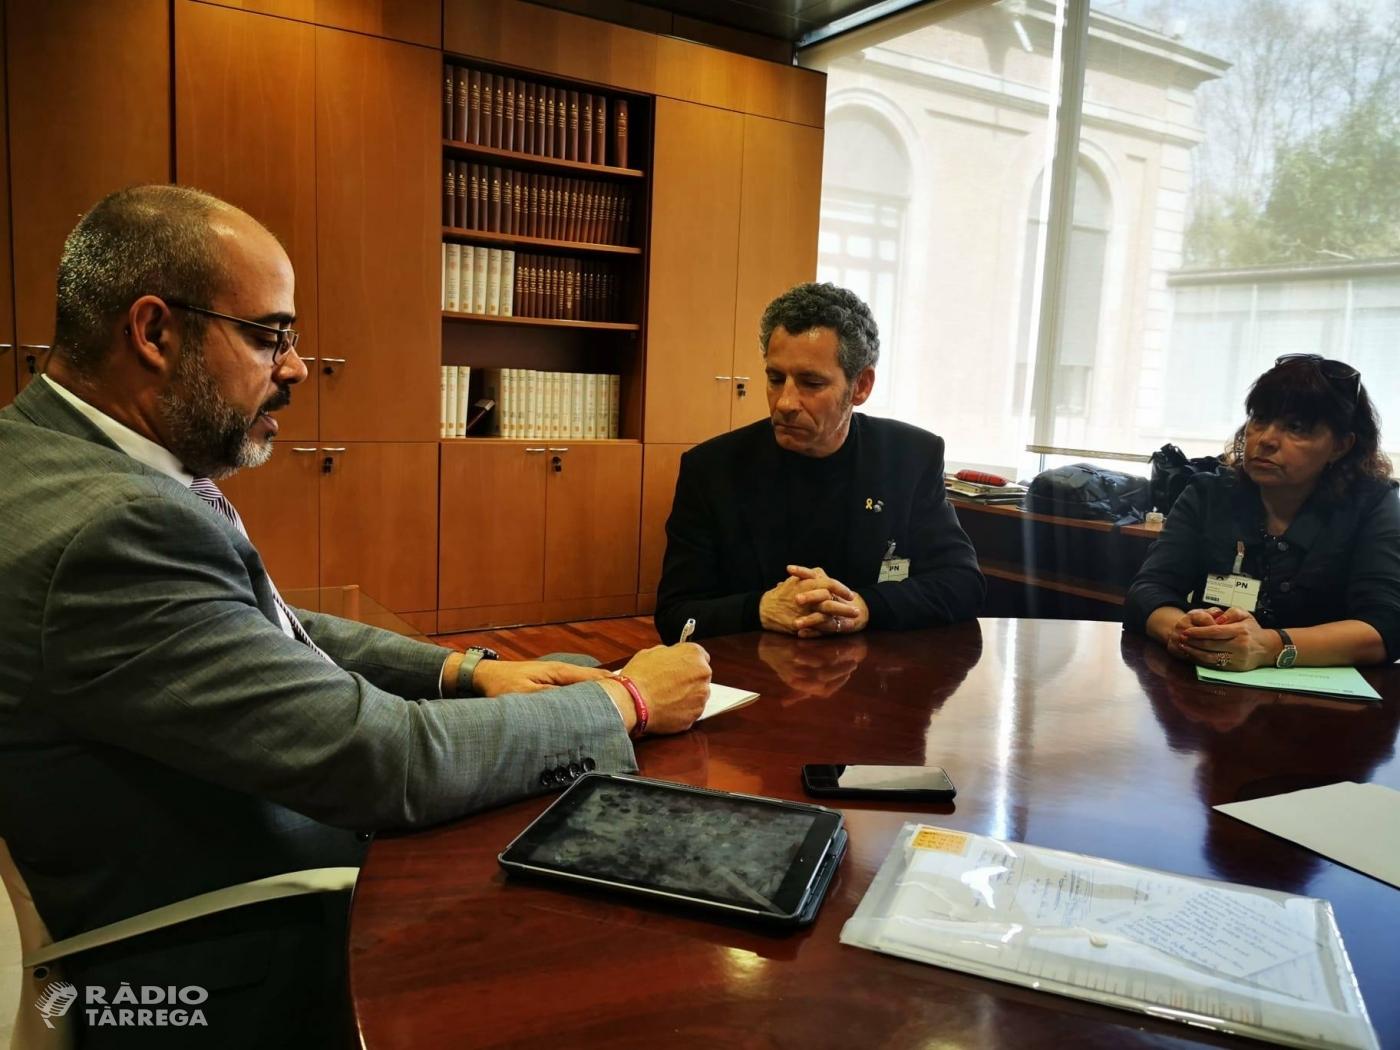 Reunió del president del Consell de l'Urgell amb el conseller Buch per incrementar la seguretat a la comarca